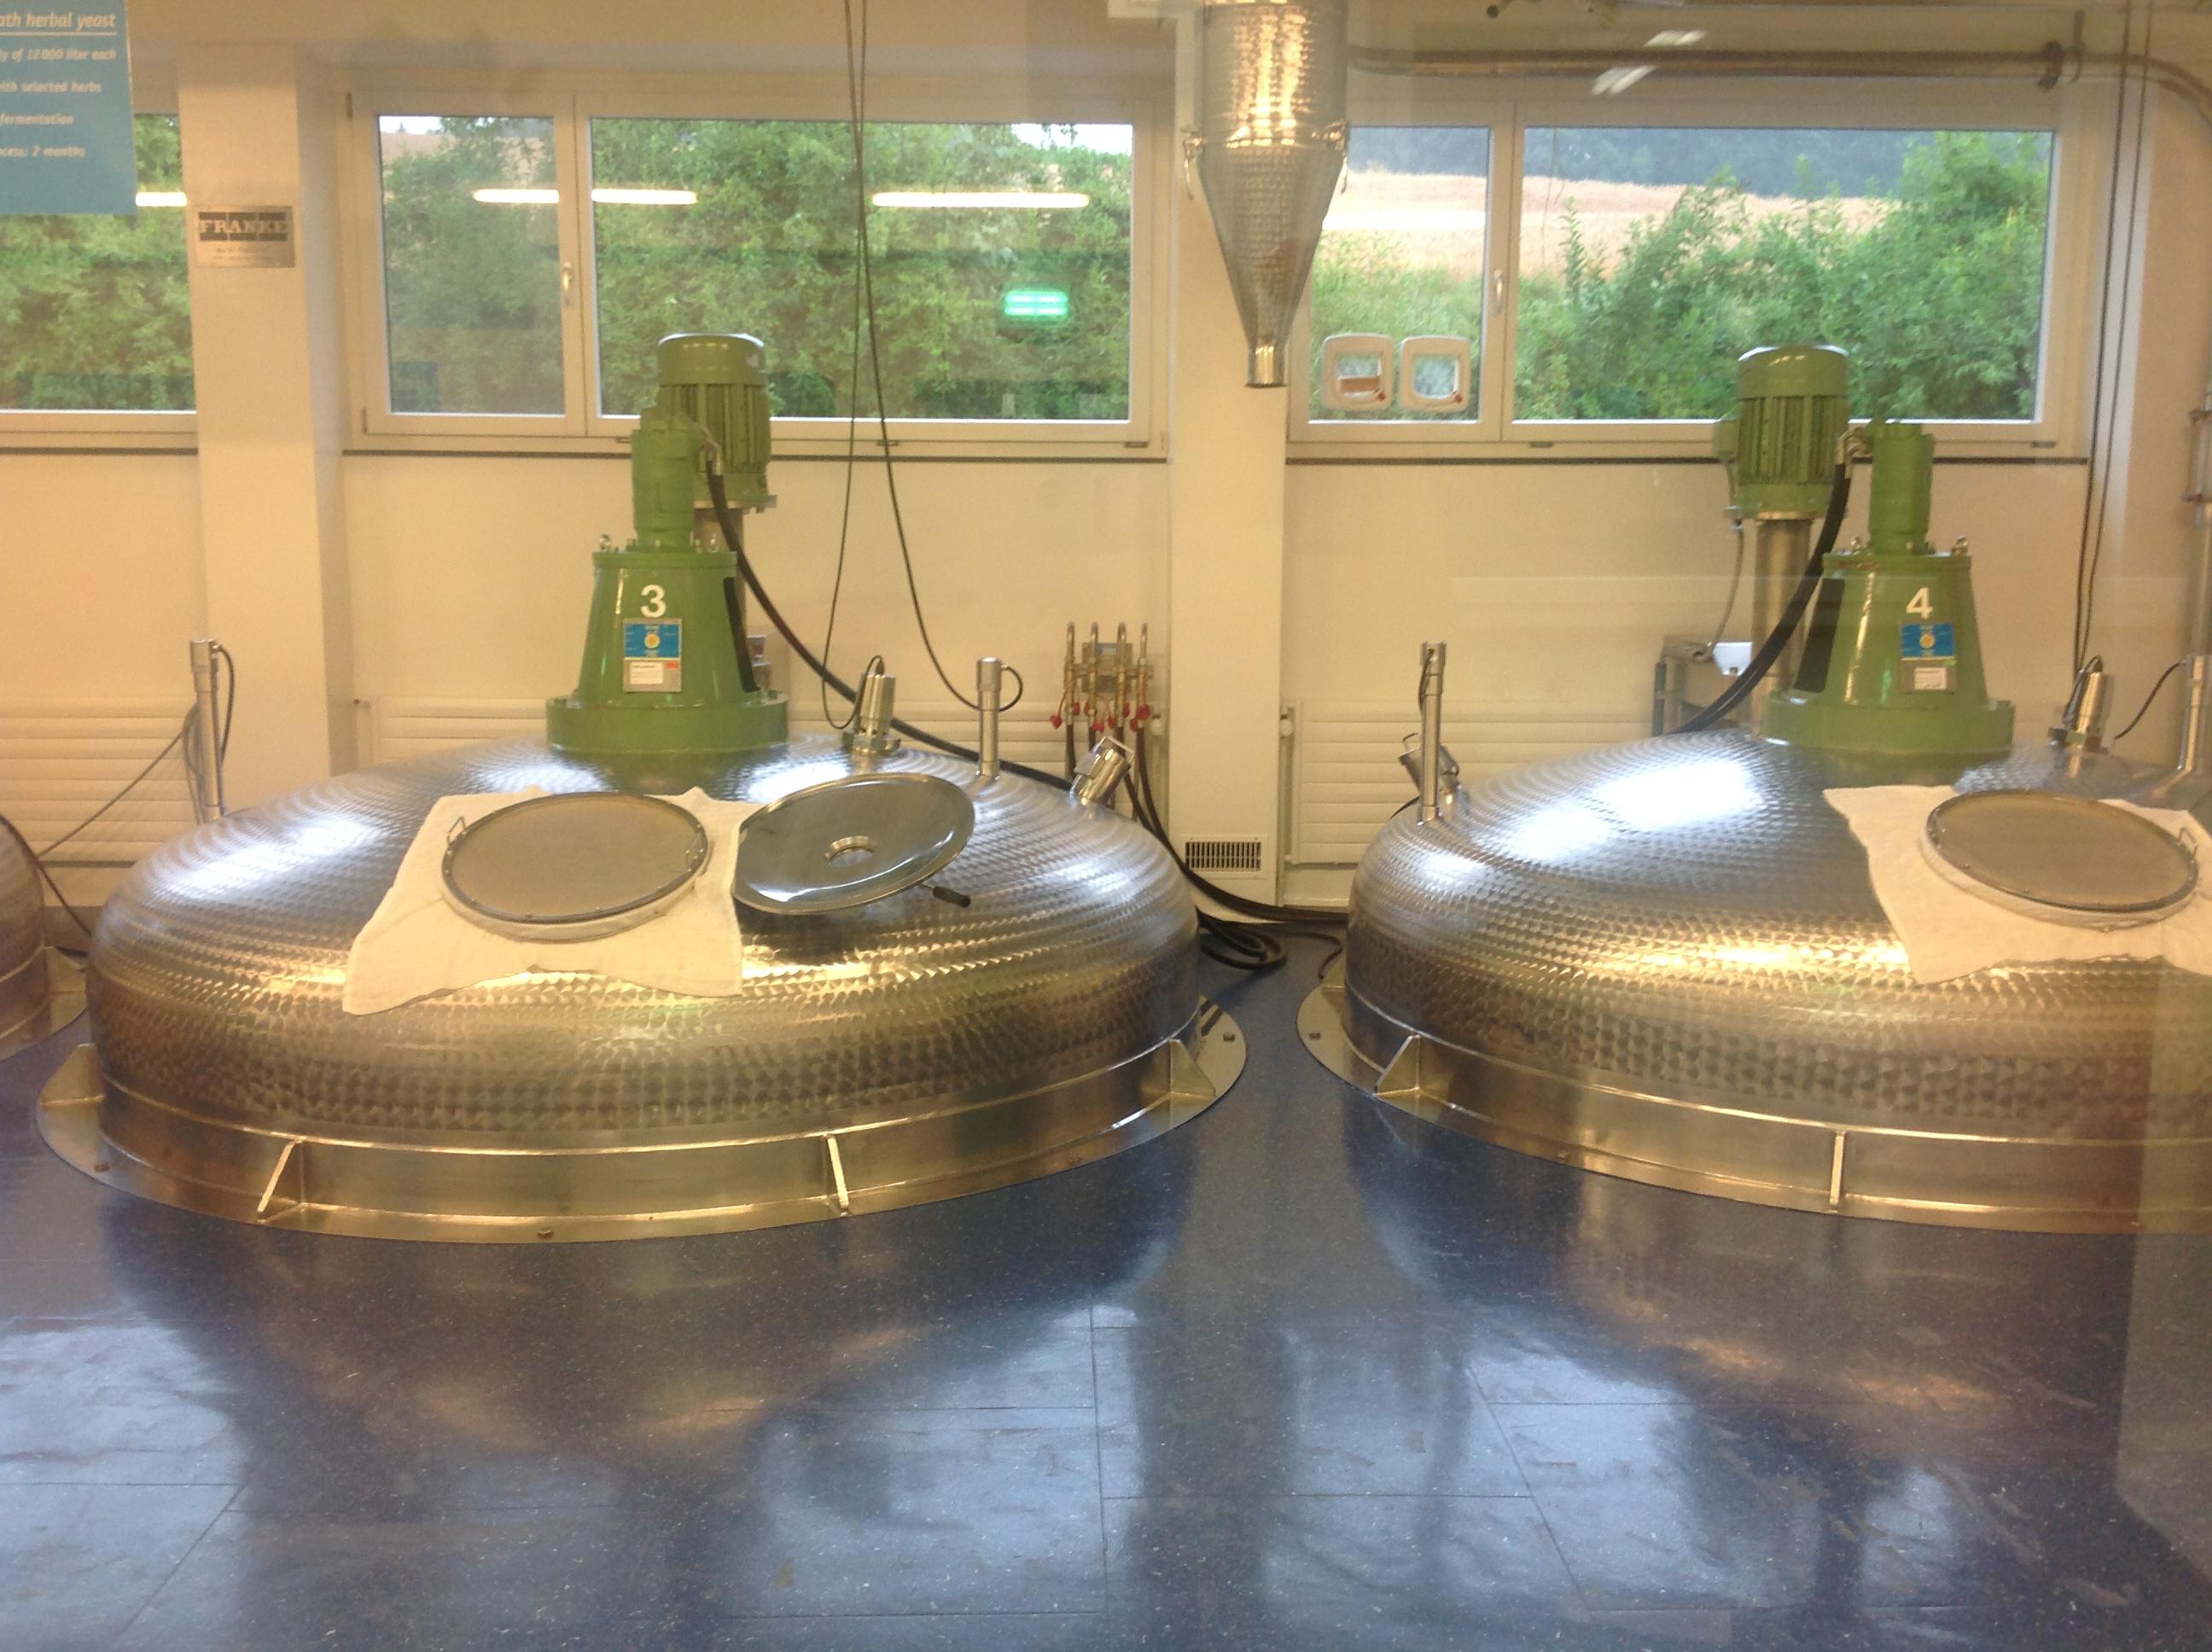 Strath fermentation vats  Herrliberg near Zurich